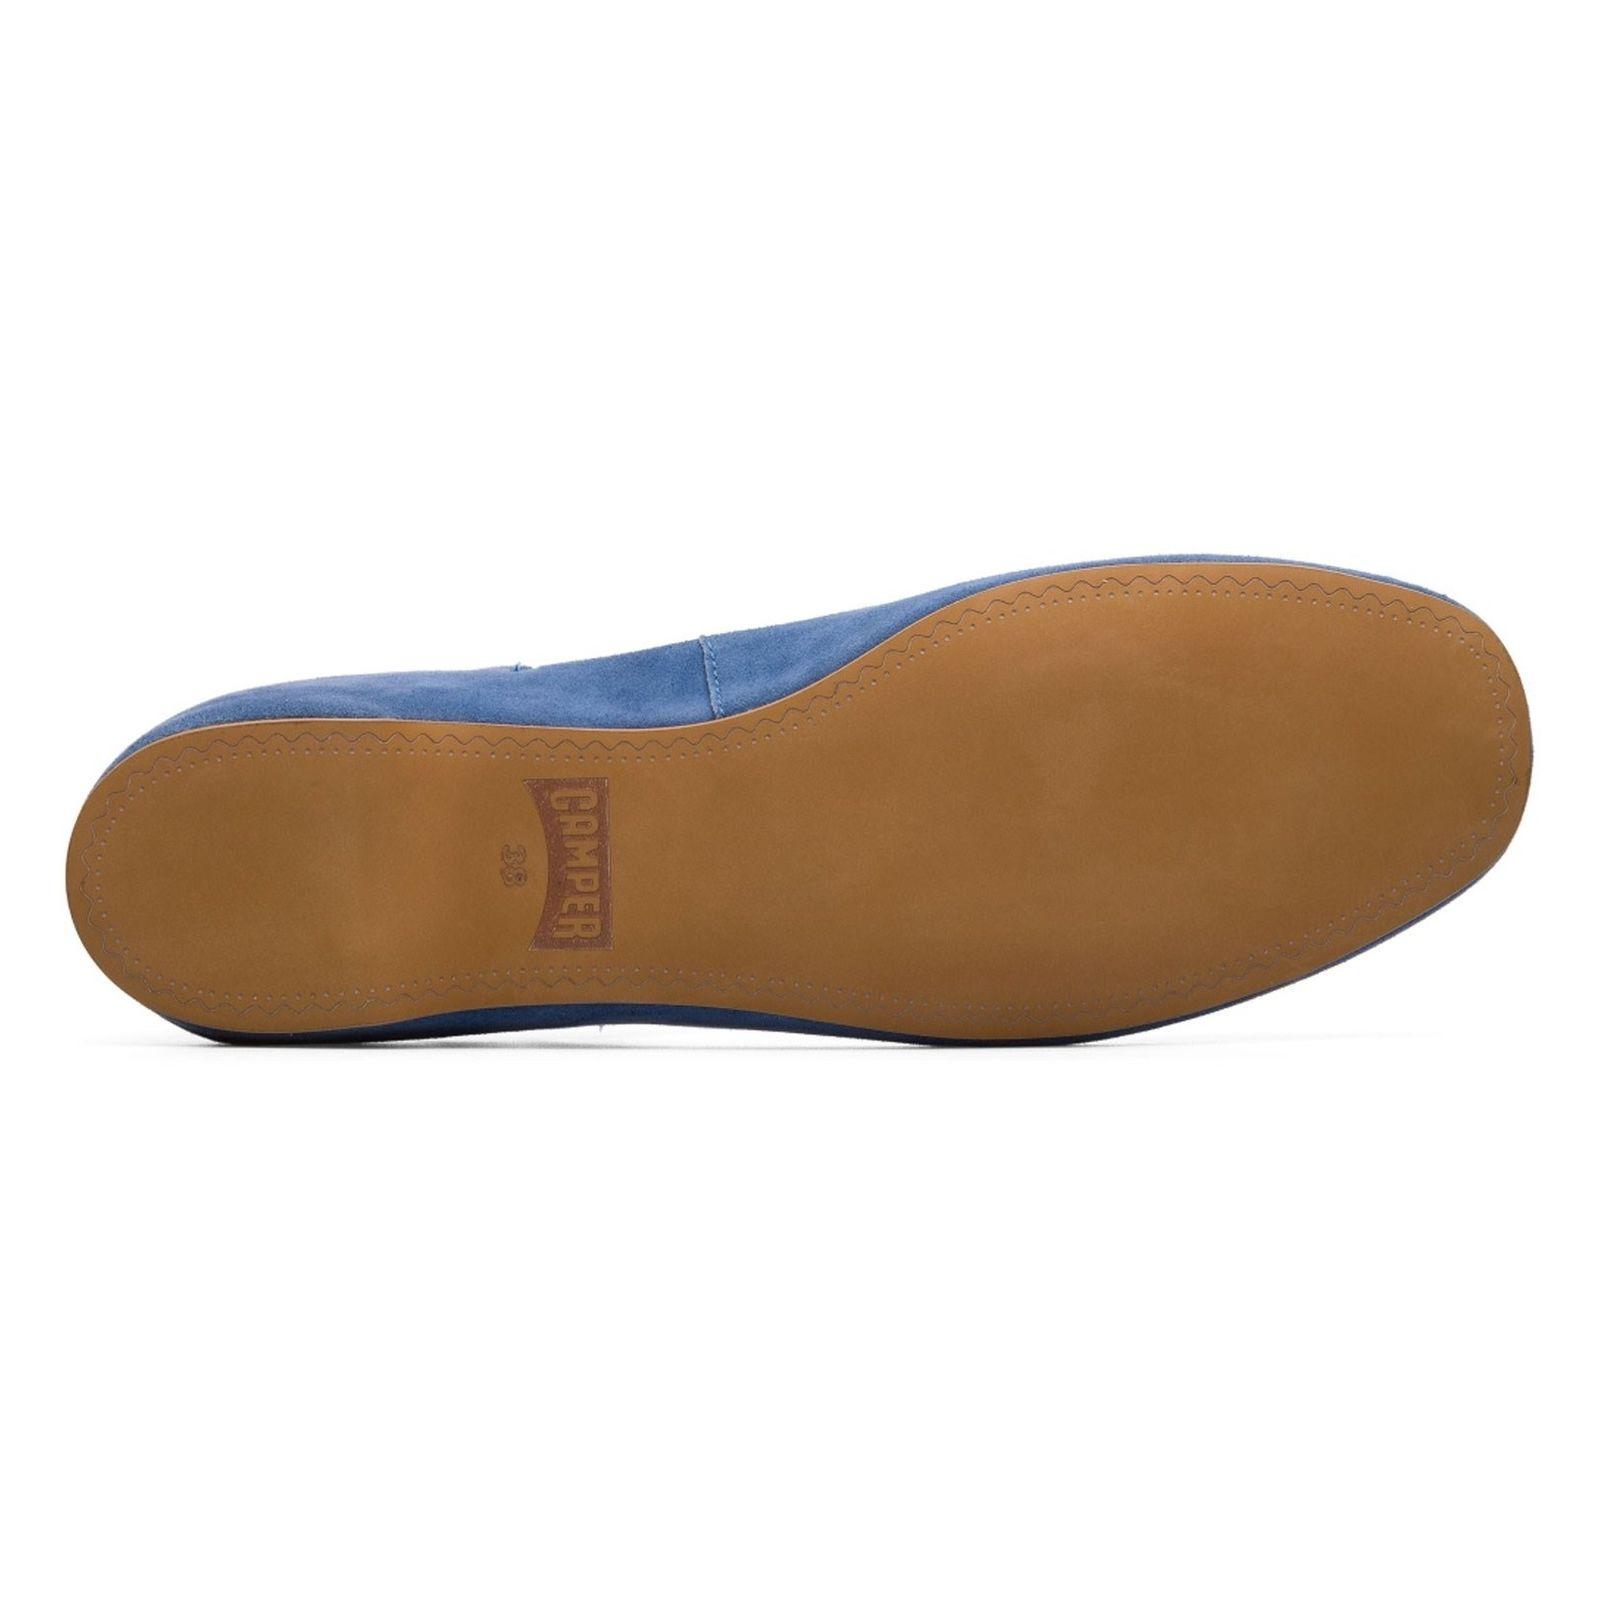 کفش تخت چرم زنانه Lucy - کمپر - آبي - 5